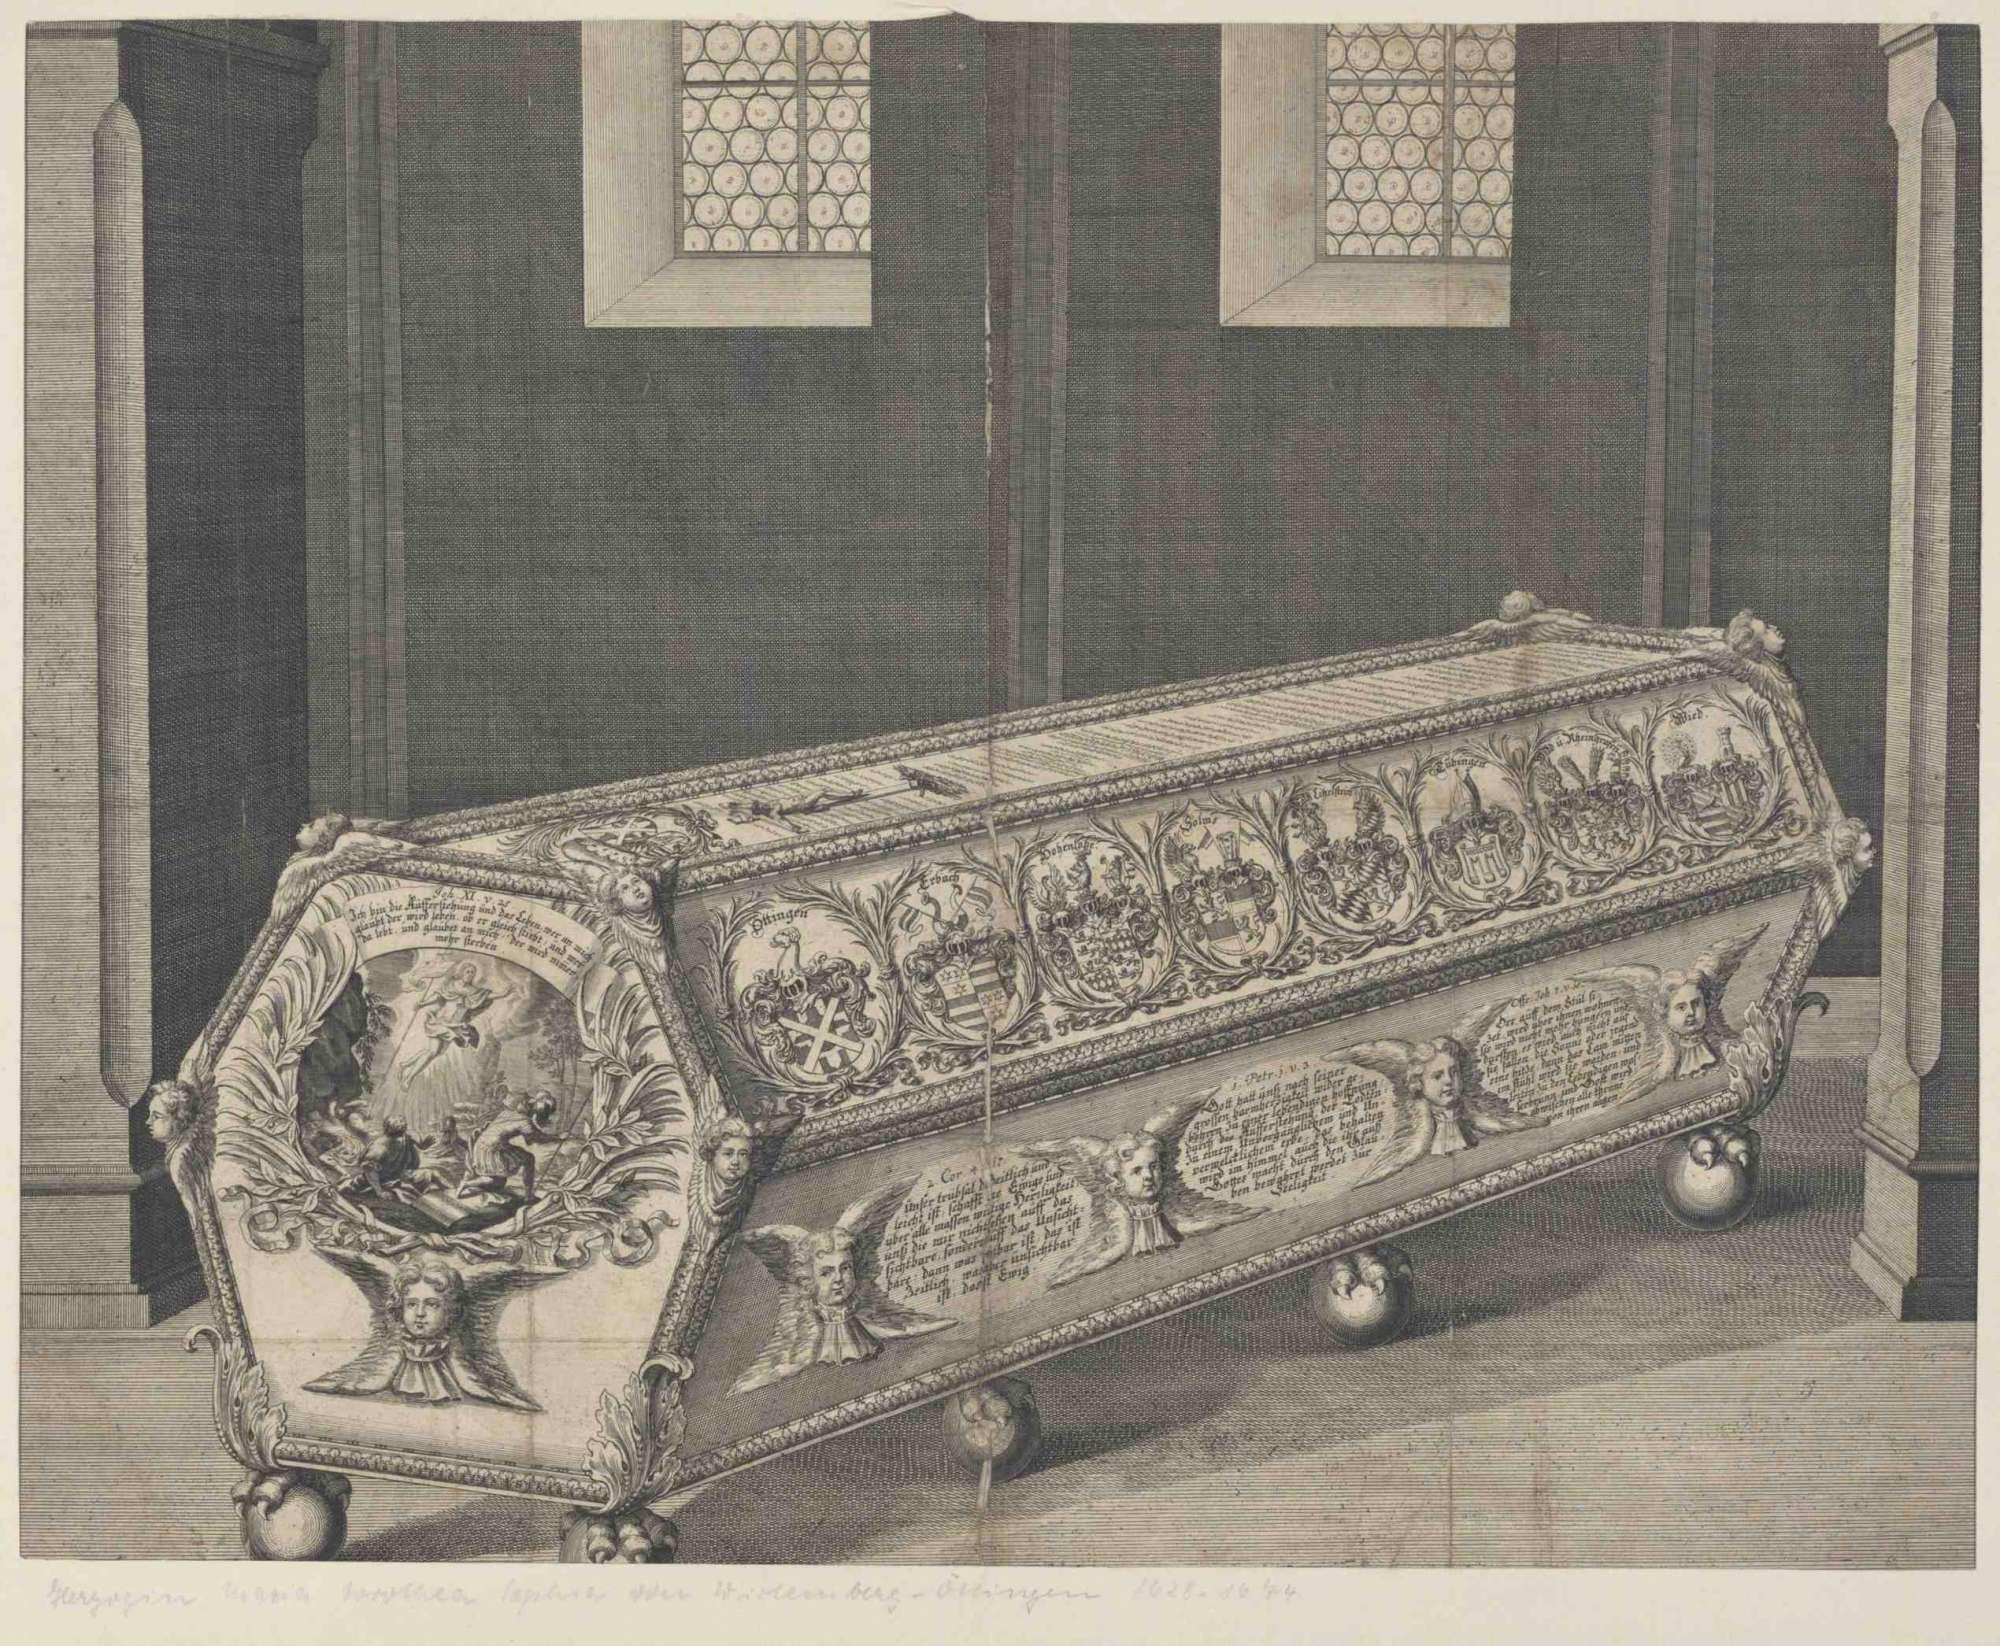 Sarkophag der Herzogin Maria Dorothea Sophia von Württemberg, reich verziert, Bild 1